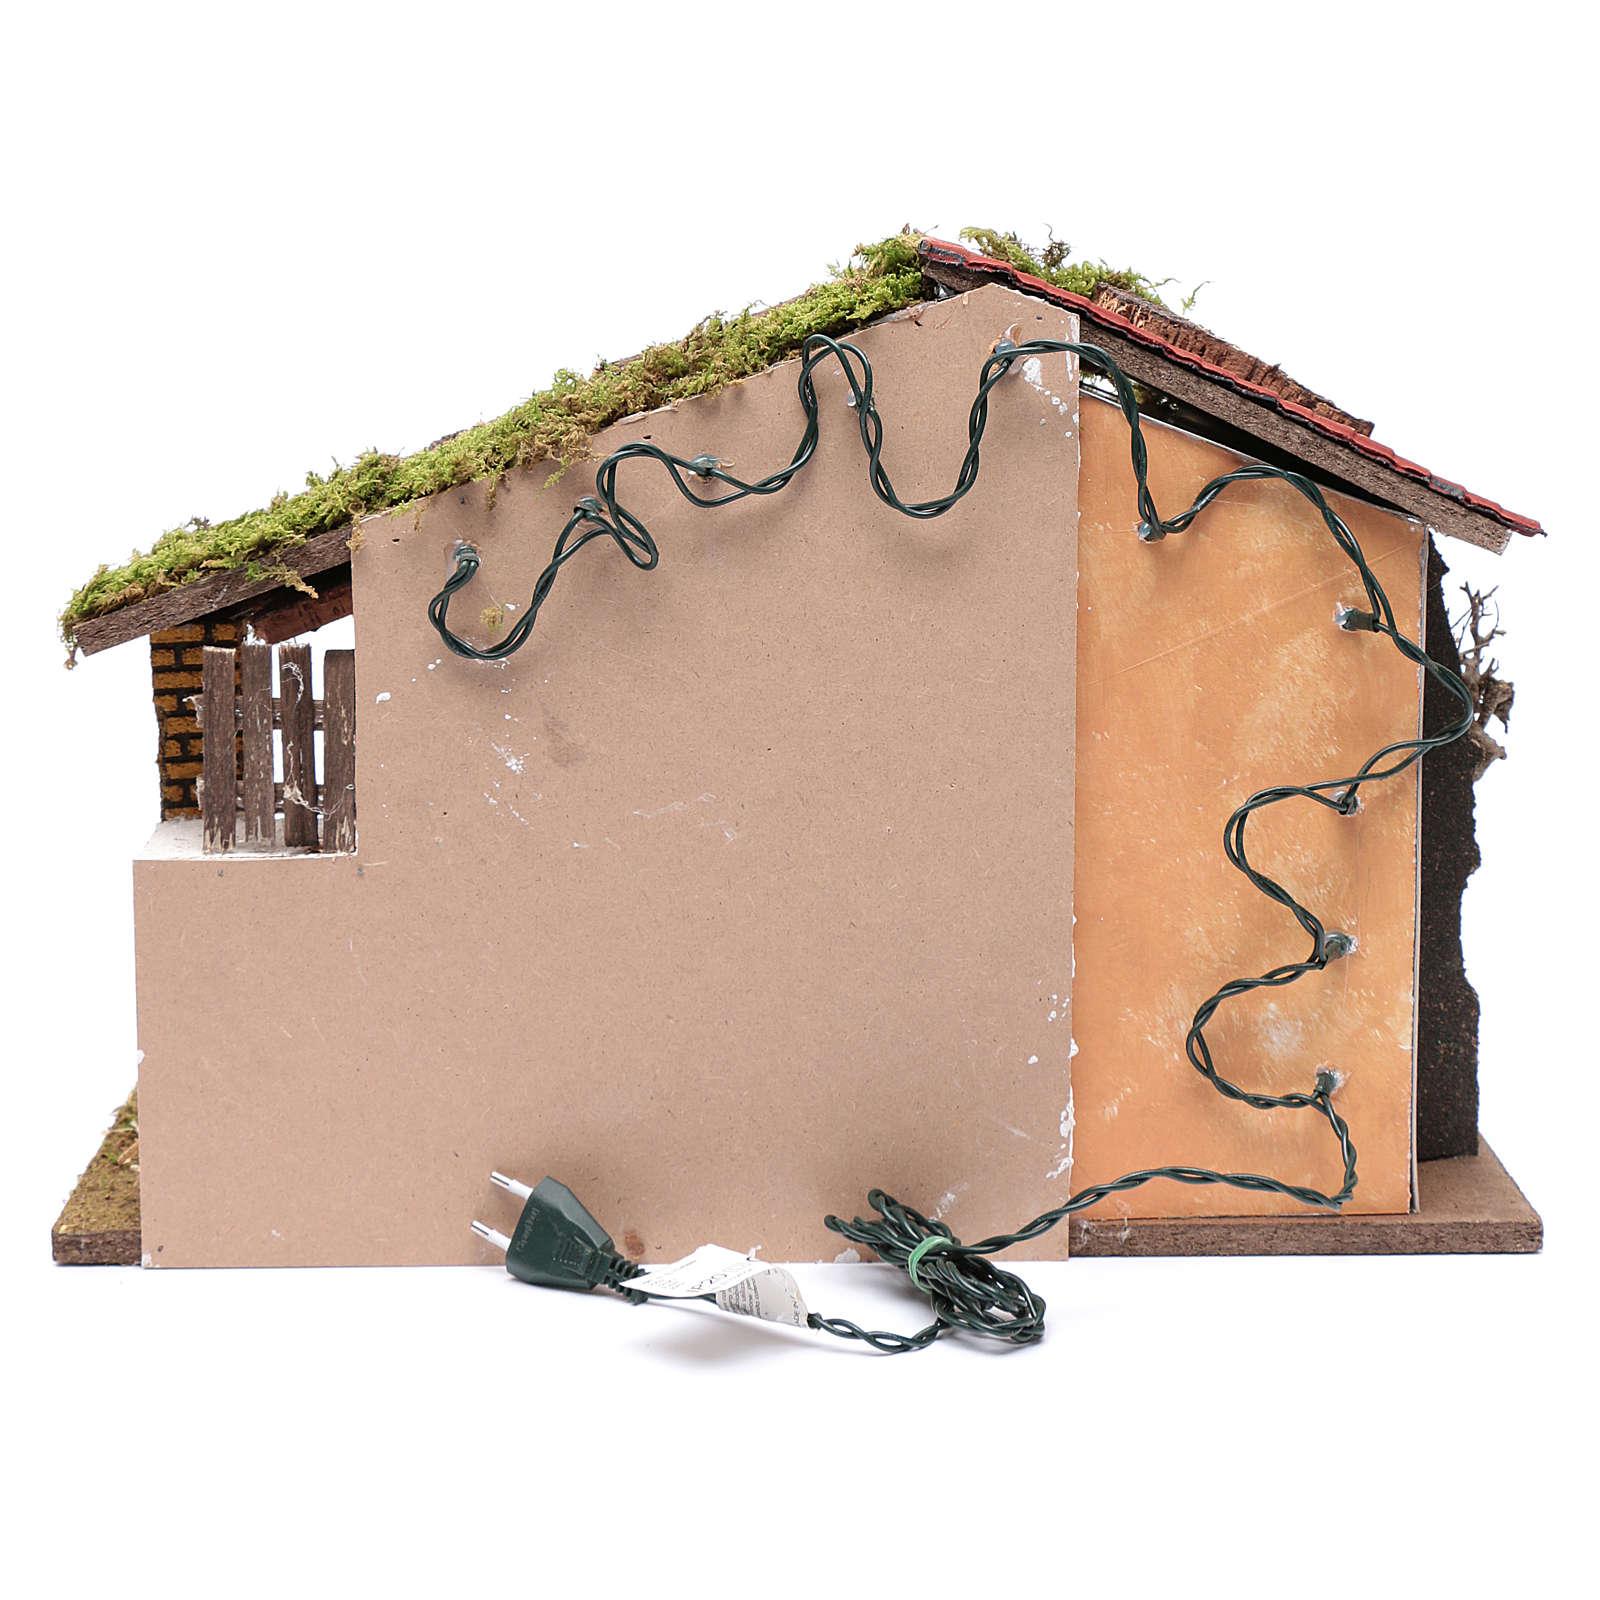 Krippenszenerie mit rotem Dach und Heuboden 35x50x25 cm 4